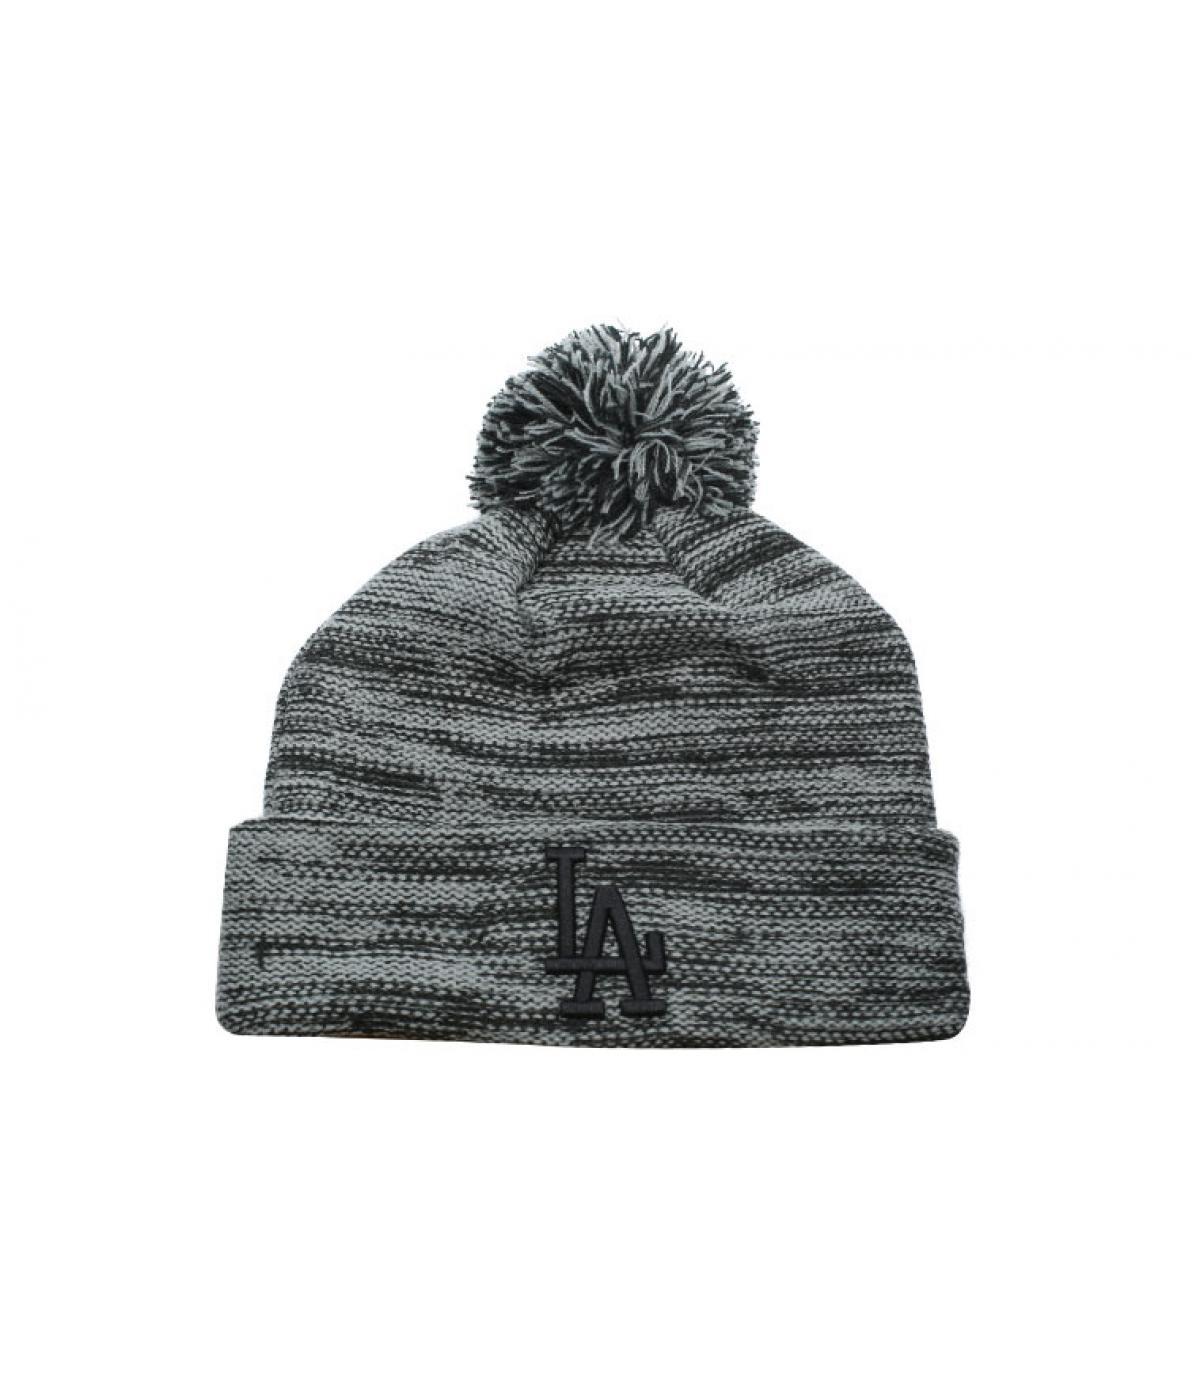 bonnet LA gris chiné